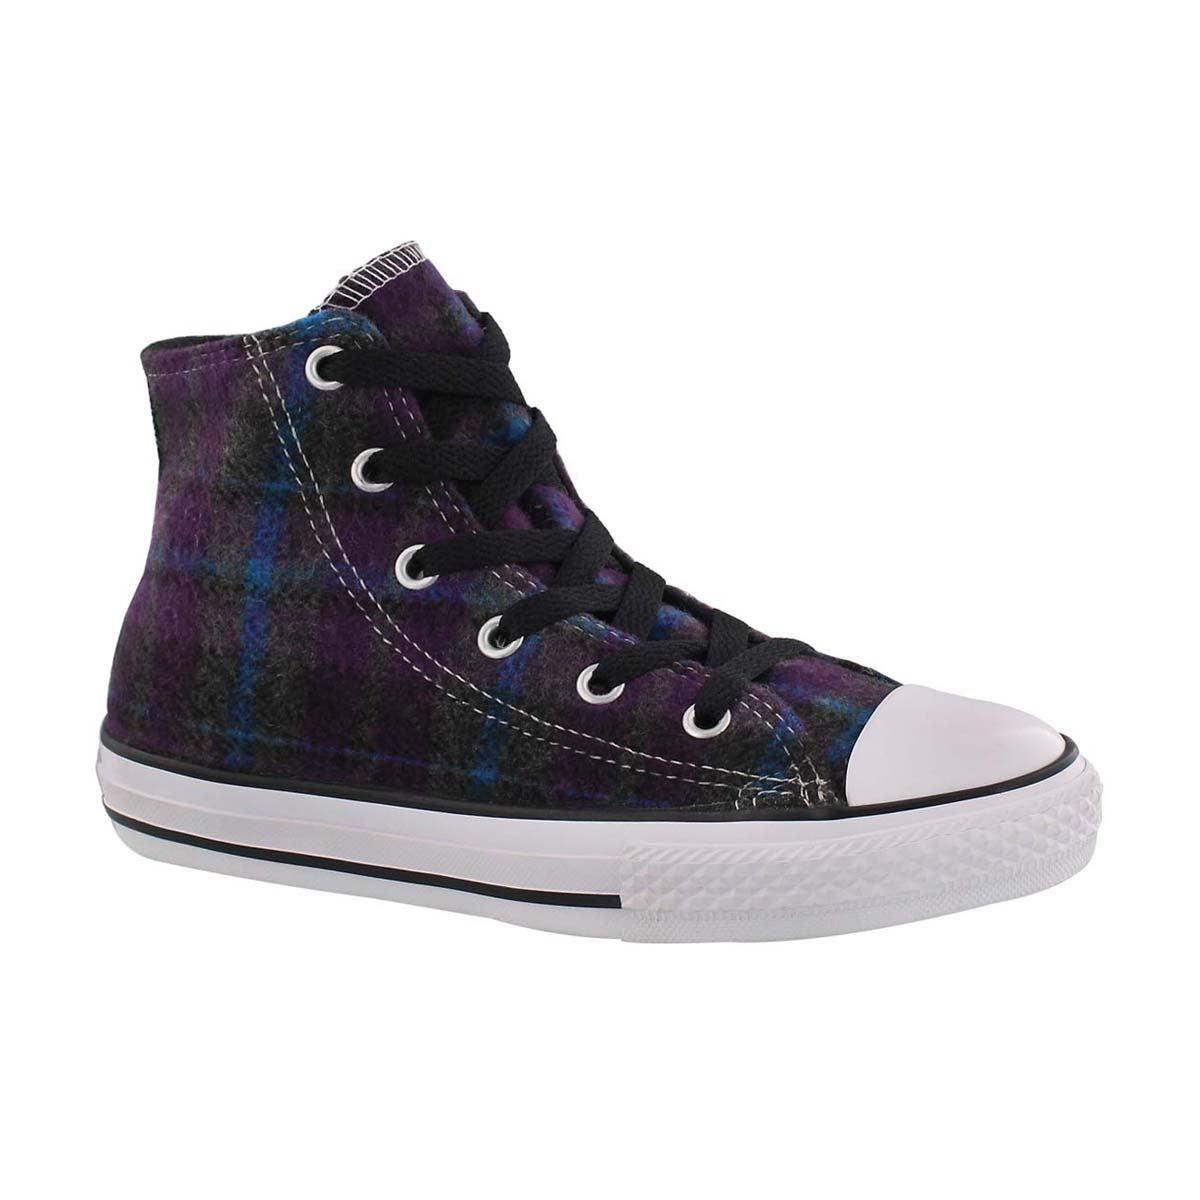 Girls' CT ALLIUM HI TOP purple/cyan sneakers